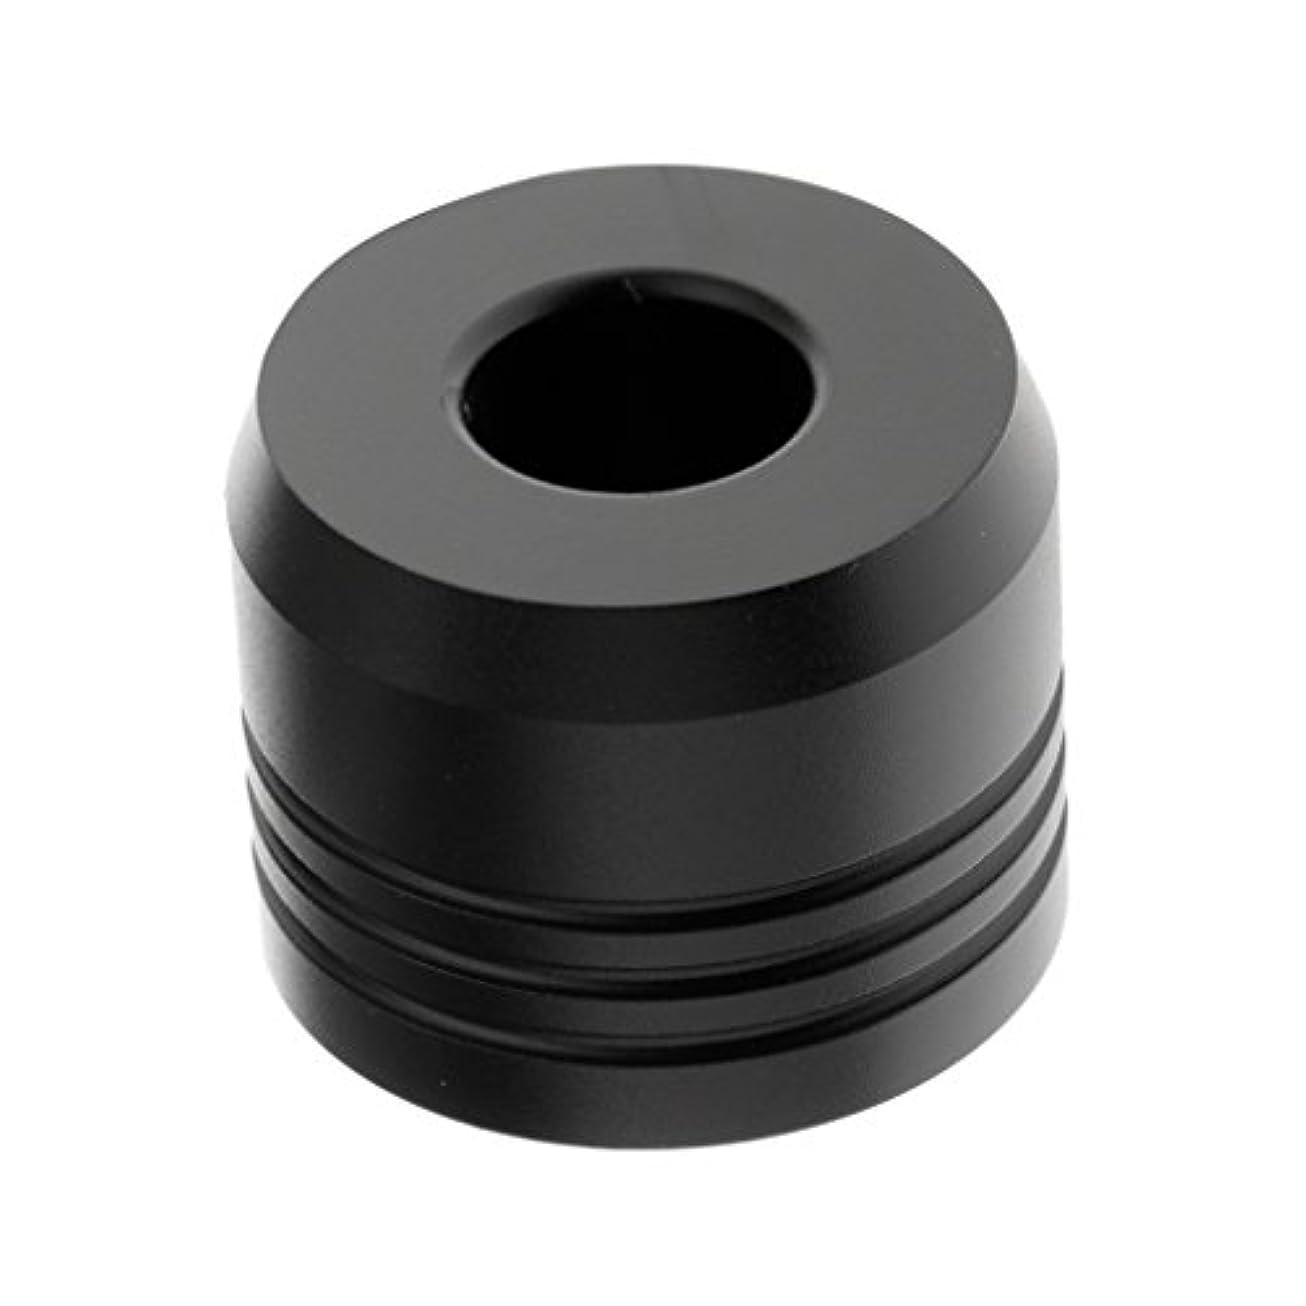 バンドル比較磁気カミソリスタンド スタンド シェービング カミソリホルダー ベース サポート 調節可 乾燥 2色選べ - ブラック